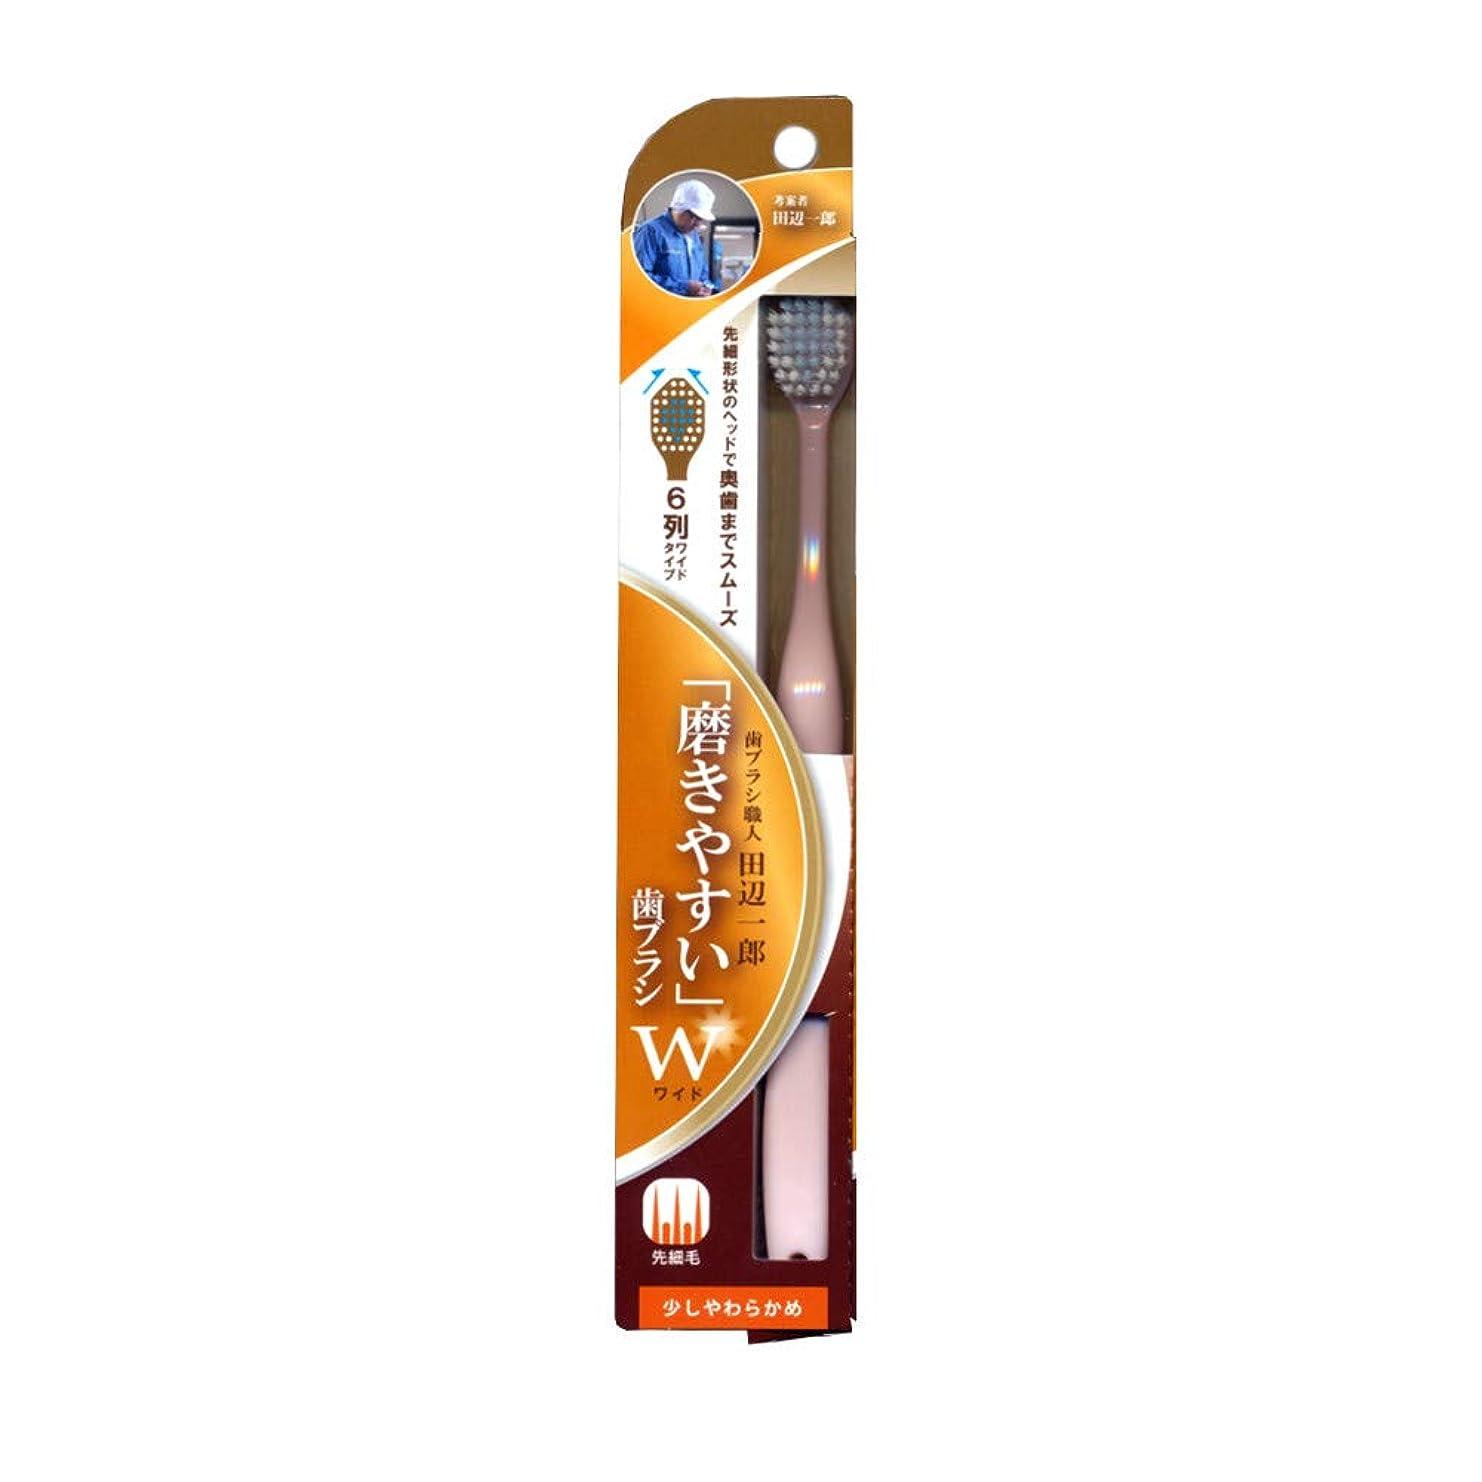 切り下げみなす壮大な磨きやすい歯ブラシ 6列ワイドタイプ LT-46 少し柔らかめ (色選択不可)(先細毛)